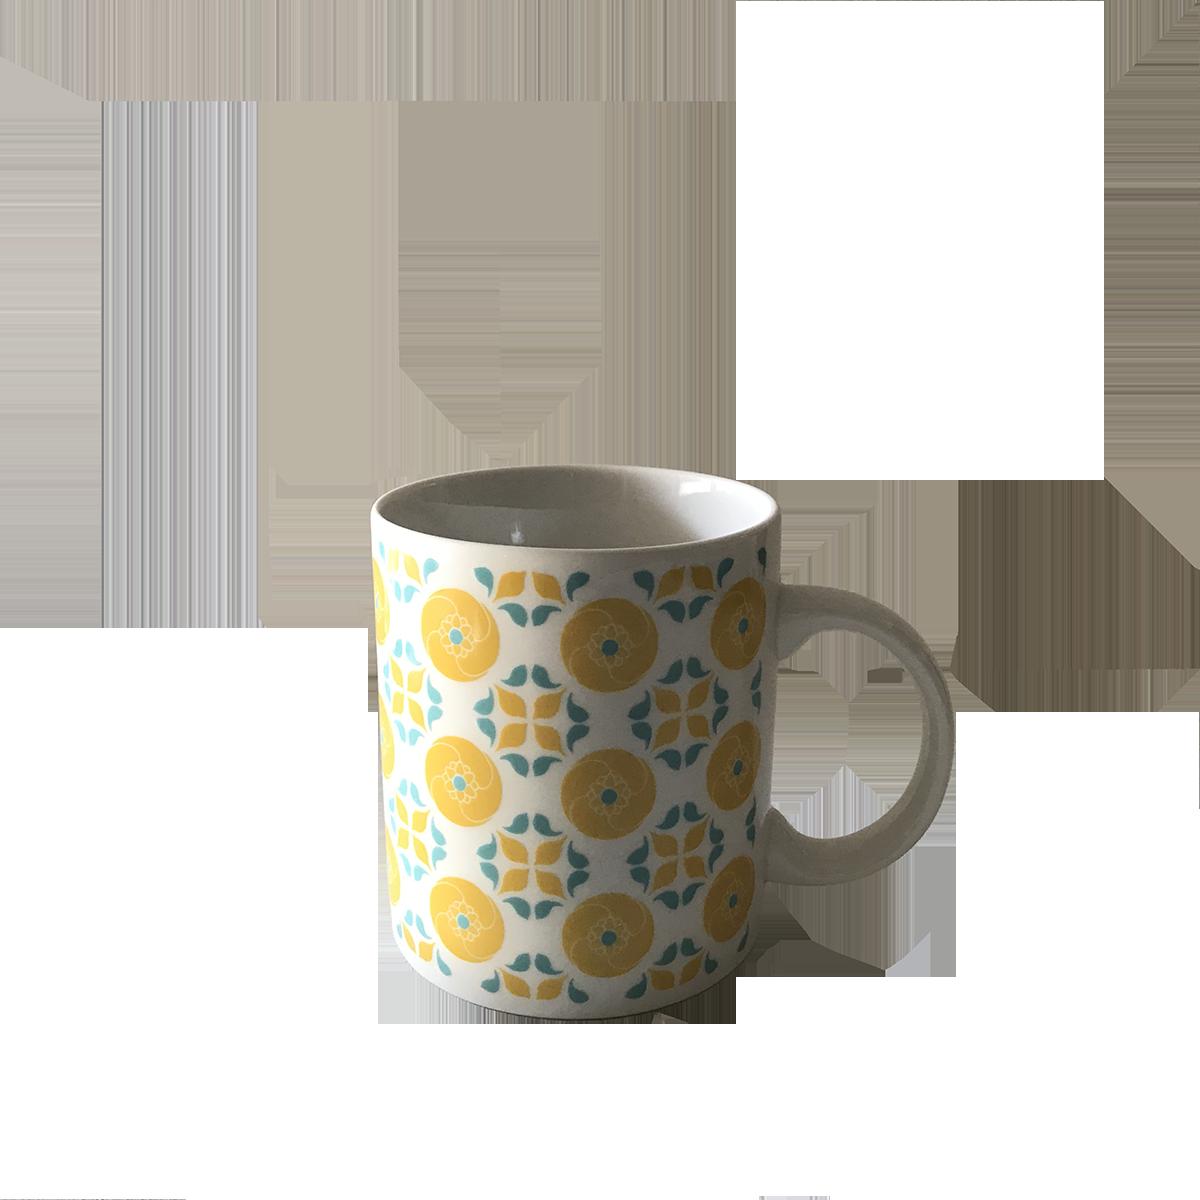 【捲毛力卡】雙花馬克杯  380 ml  | 臺灣文創 花磚 精品 馬克杯  陶瓷馬克杯 水杯 雙花 花磚 東方色彩